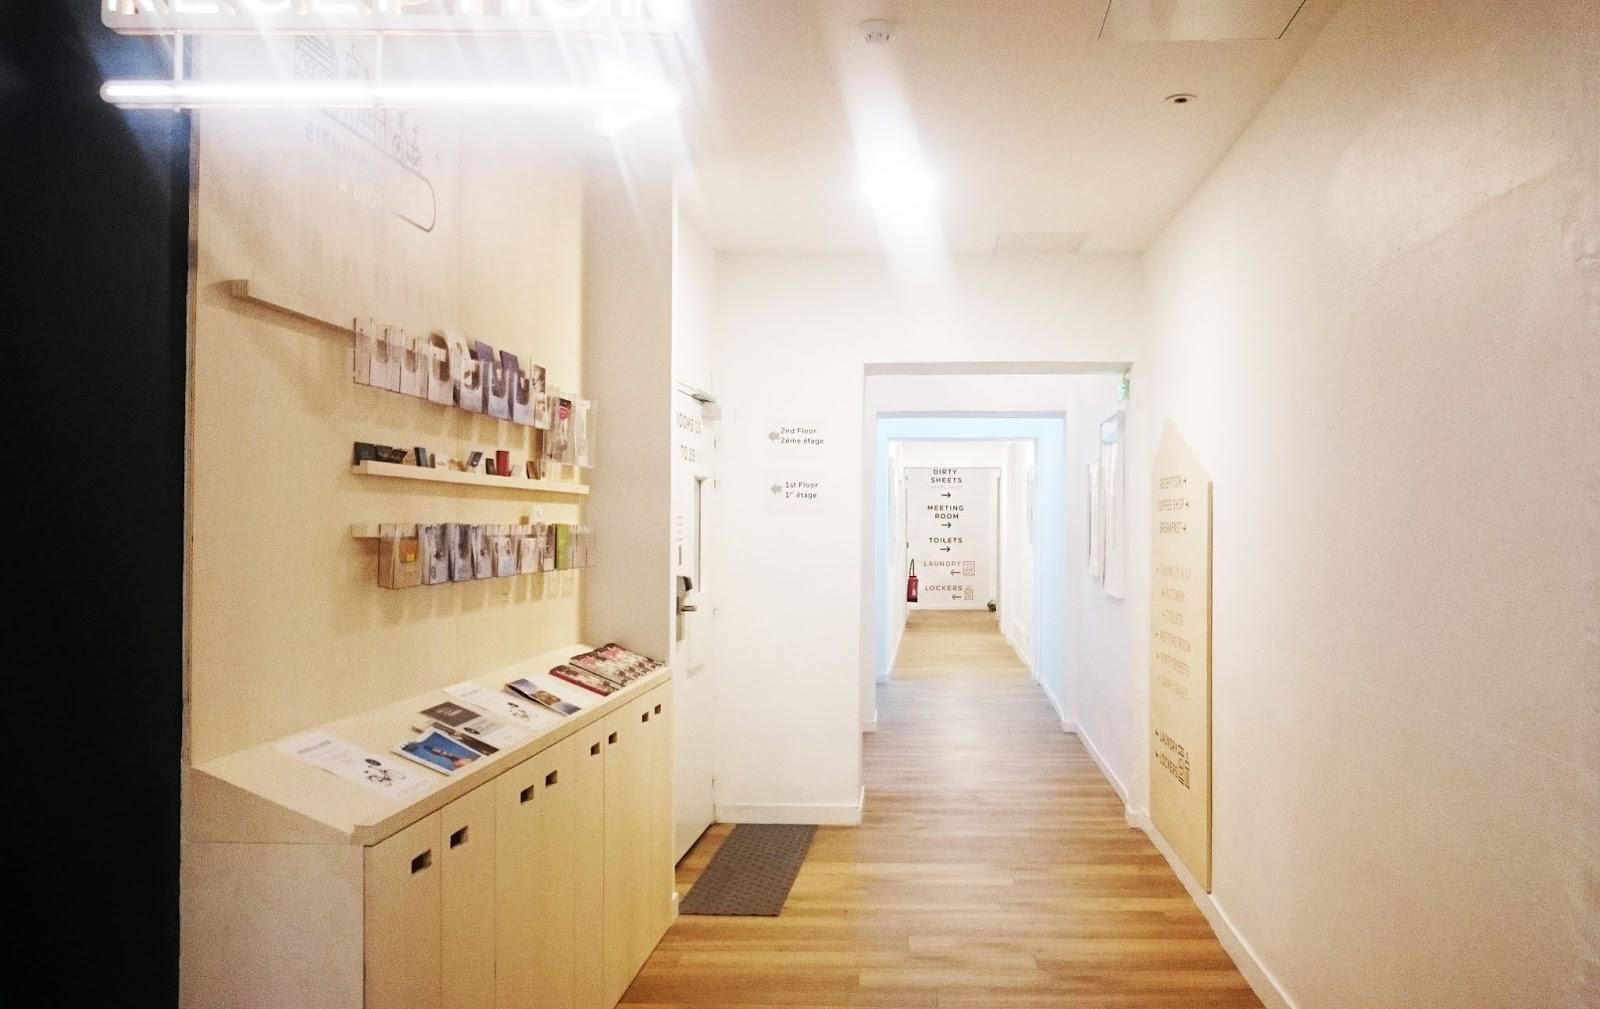 l 39 away hostel nouveau lieu de passage et de partage lyon la ptite bulle d 39 elo. Black Bedroom Furniture Sets. Home Design Ideas